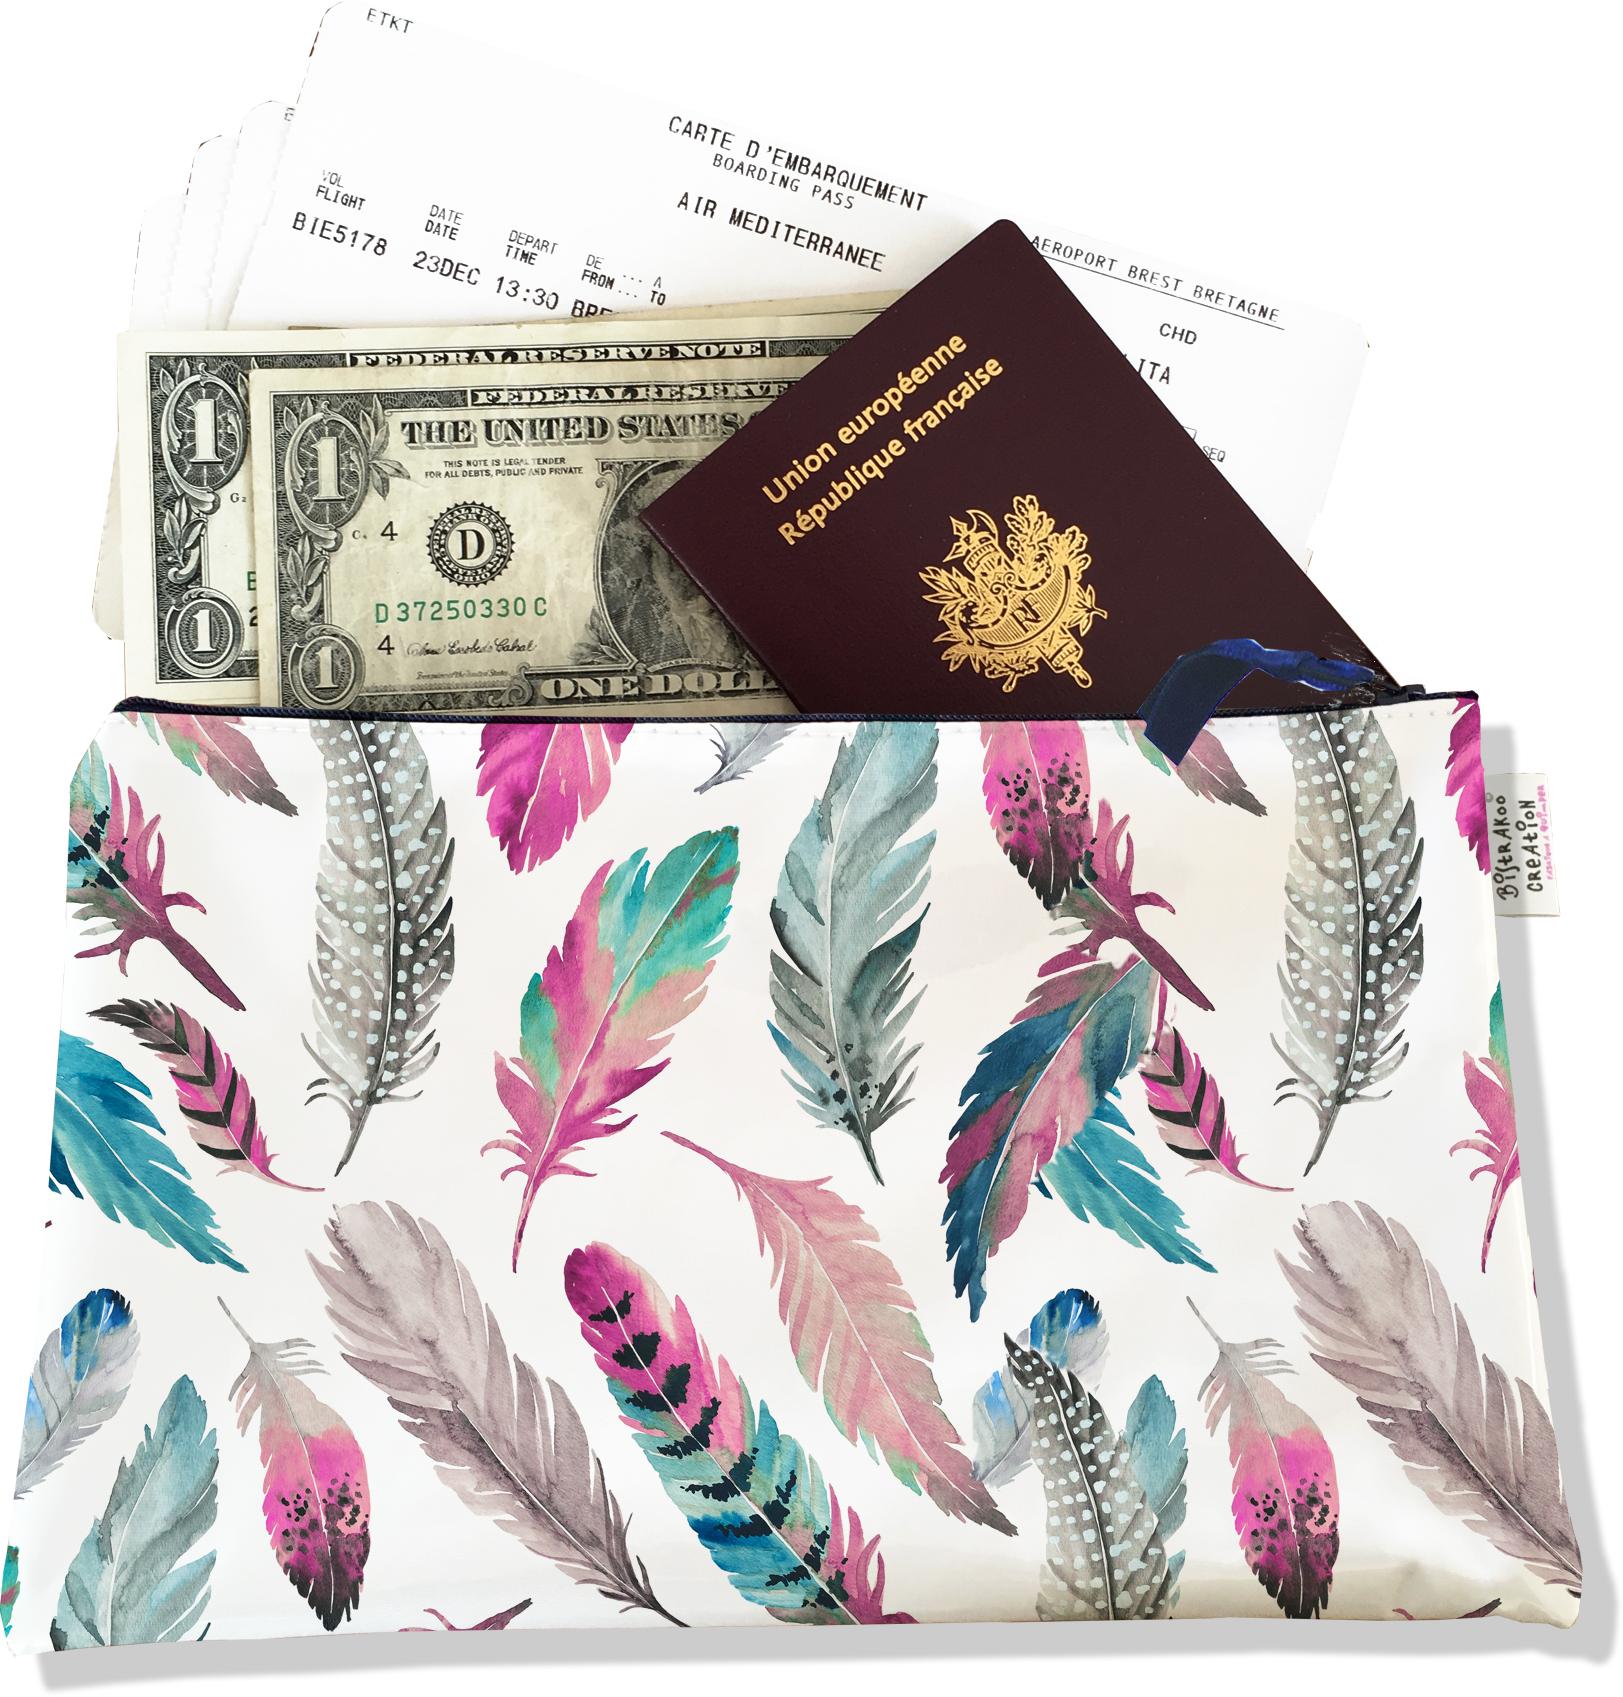 Pochette voyage, porte documents pour femme motif Plumes multicolores PV6003-2019